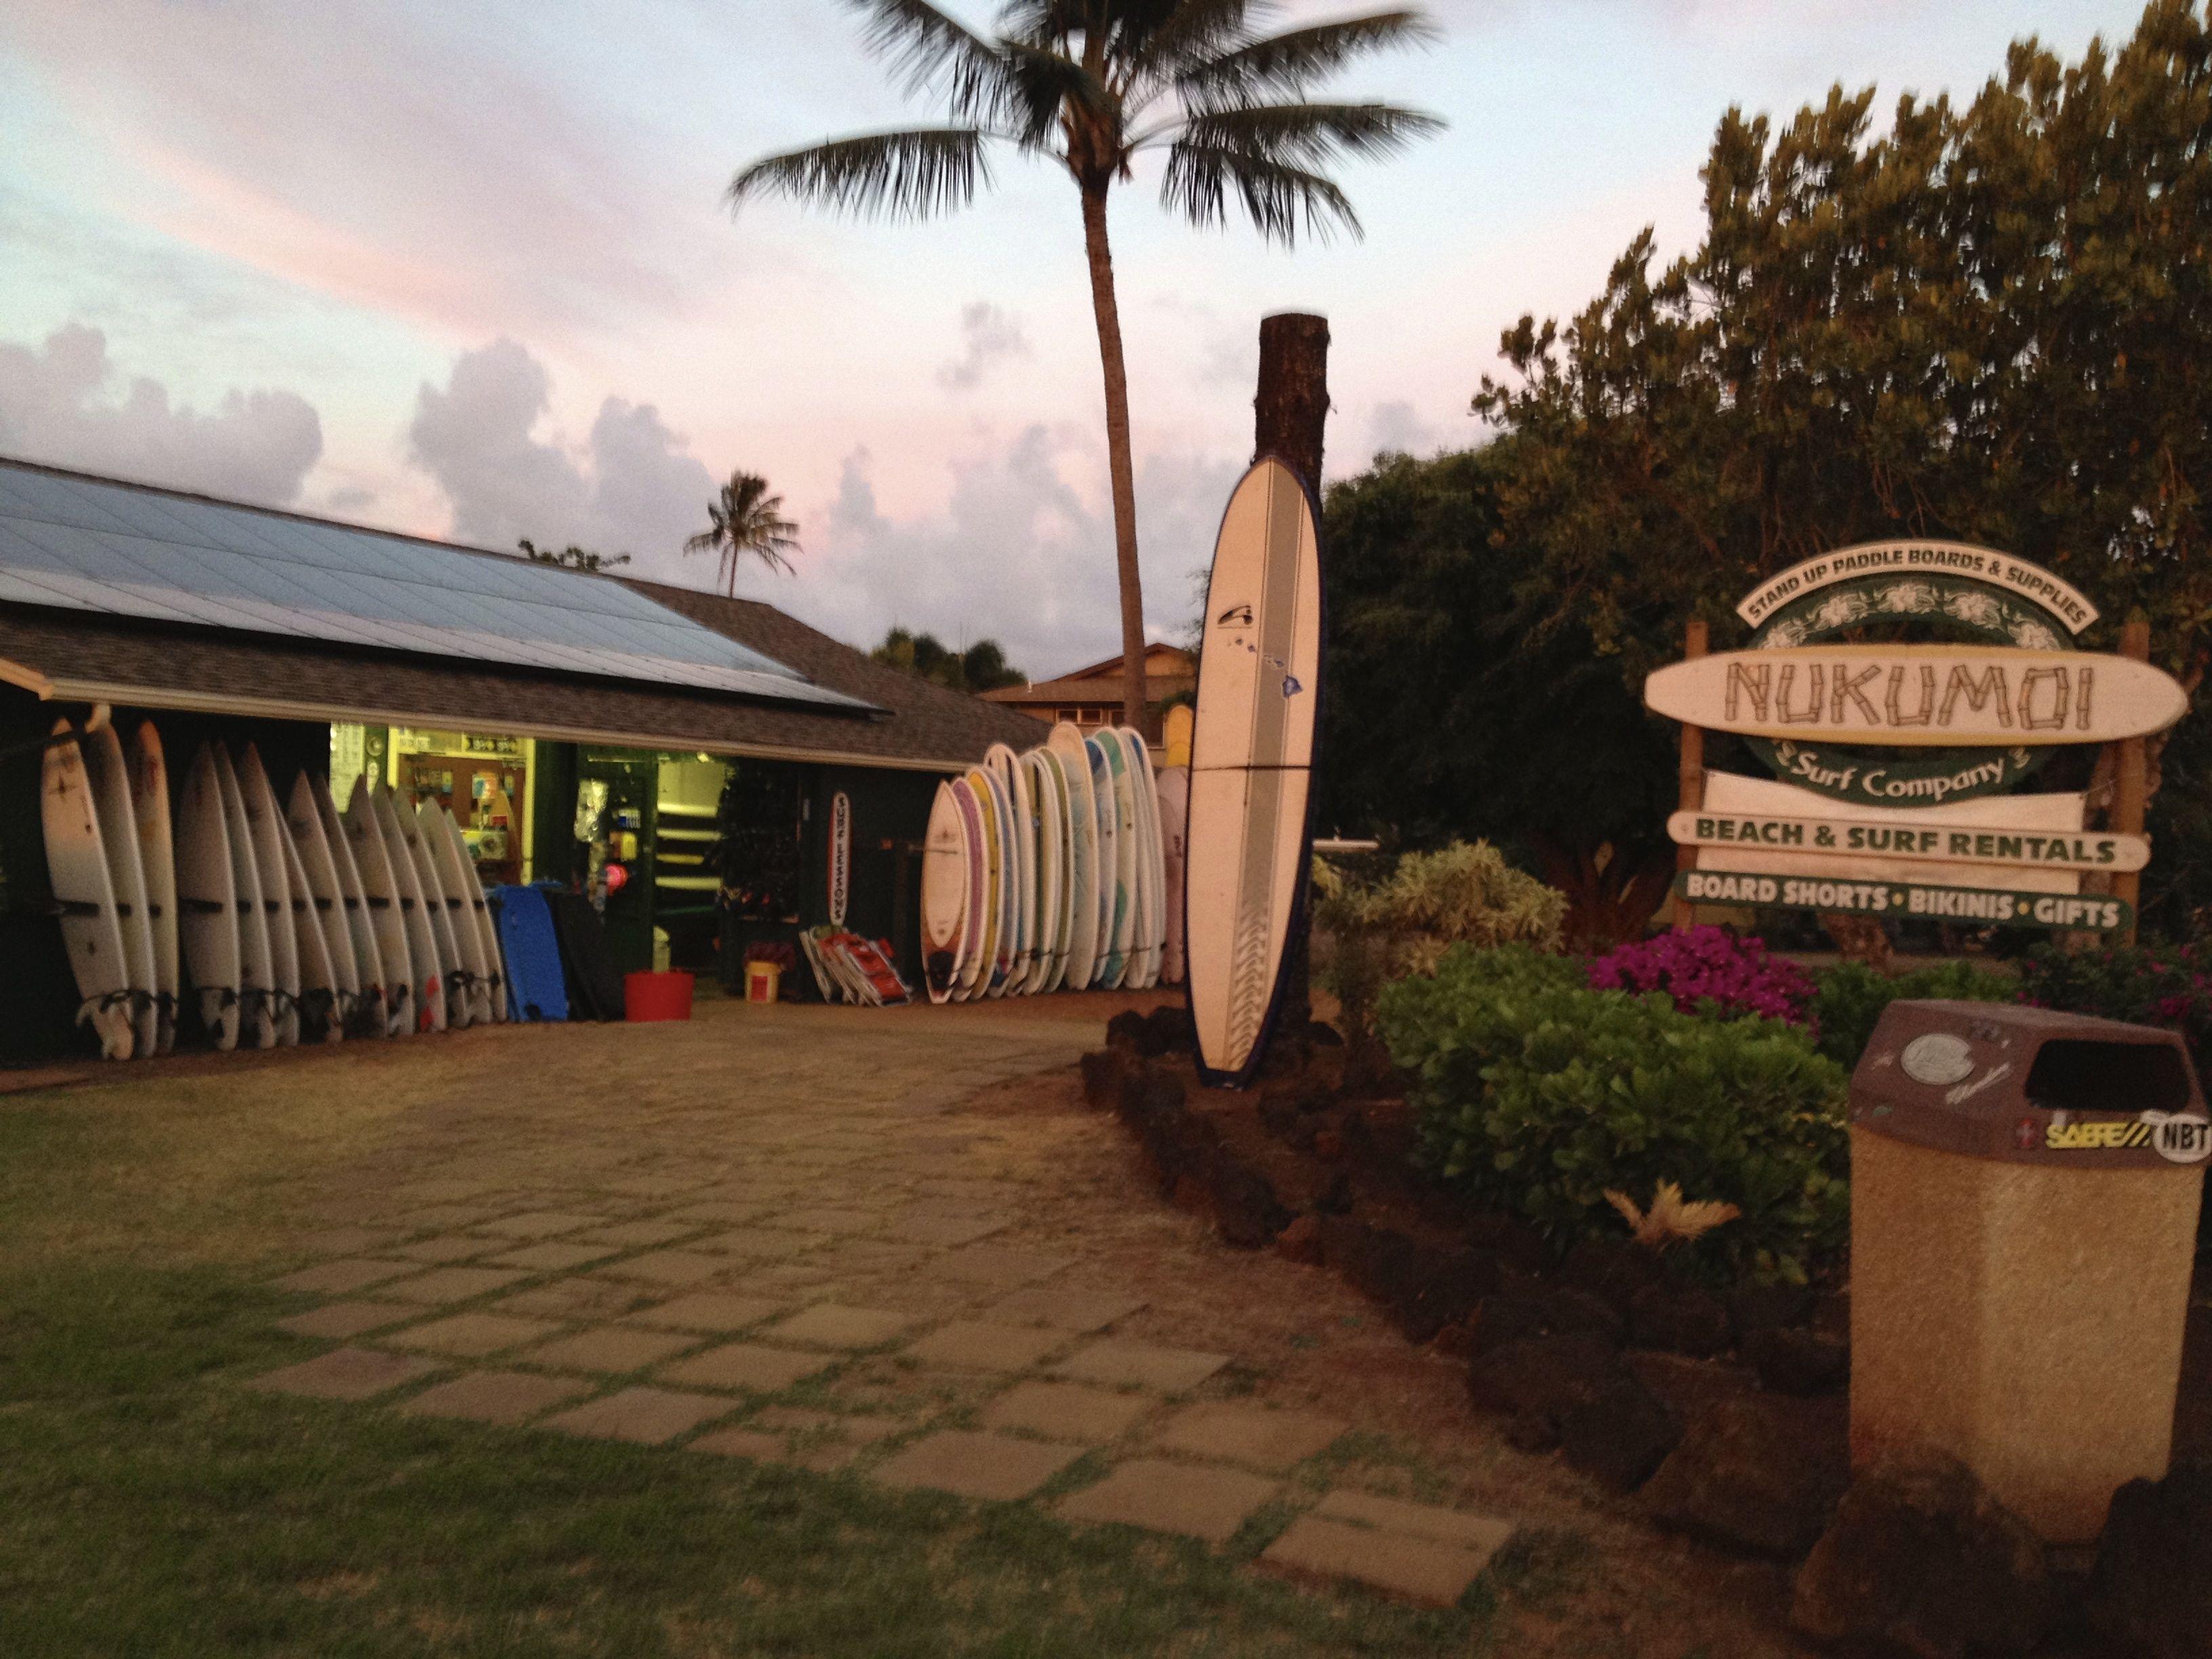 Nukumoi Surf Co Store Front 2100 Hoone Rd Koloa Poipu Hi 96756 Poipu Poipu Beach Kauai